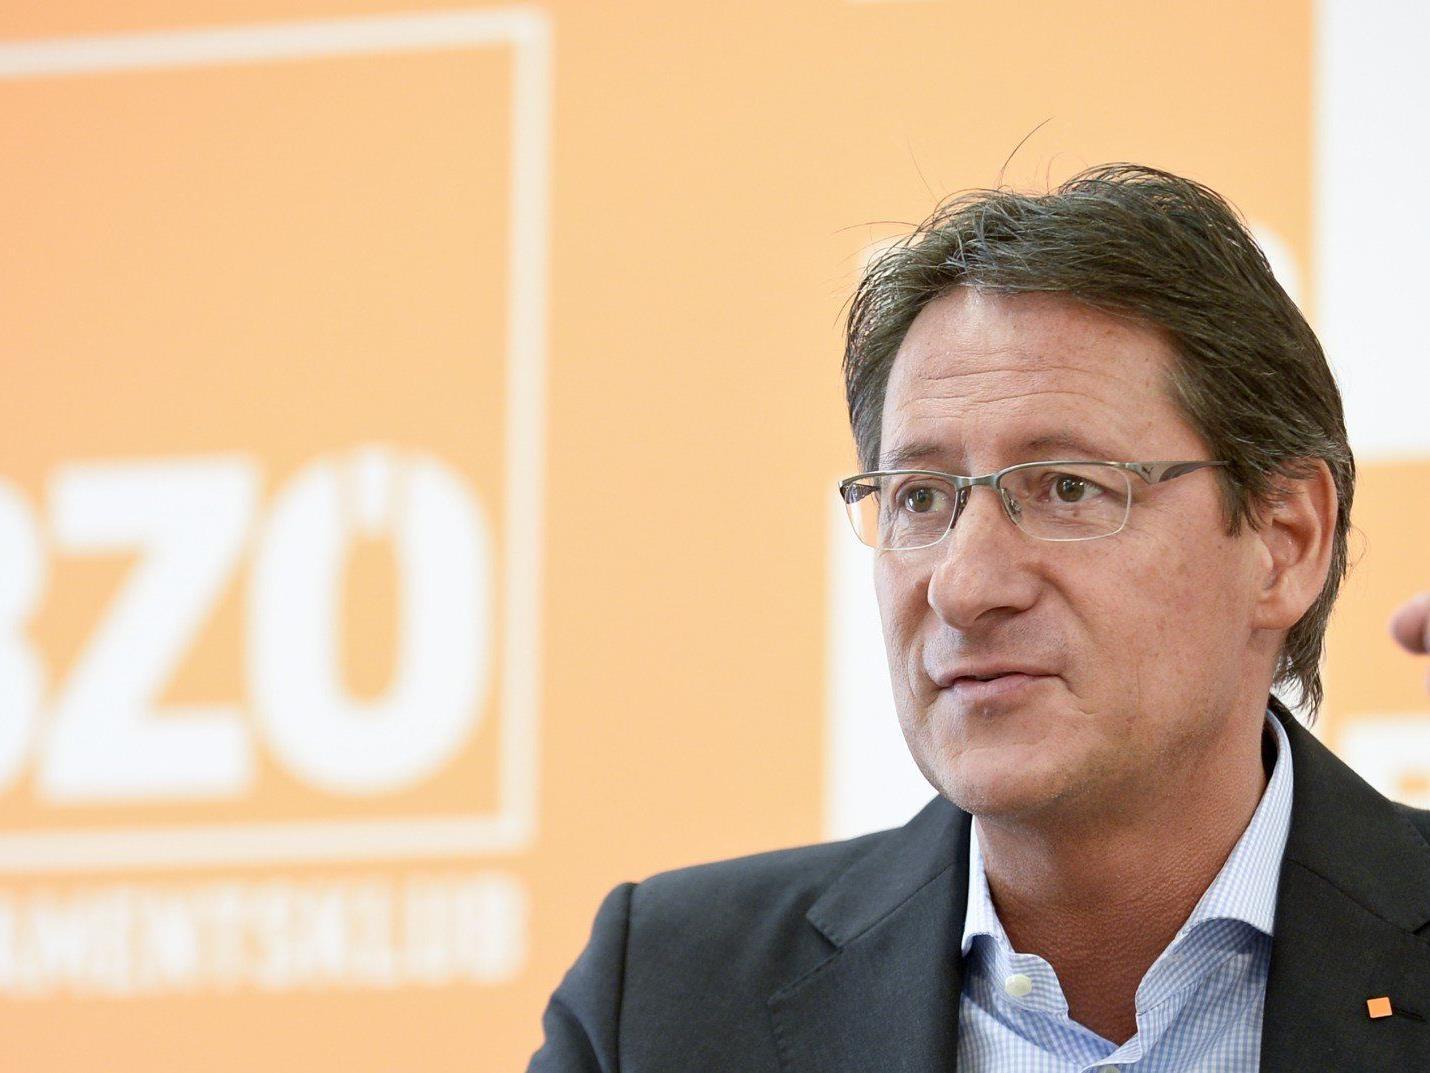 Am Freitag wurde das Wahlprogramm der BZÖ für die Nationalratswahl vorgestellt.